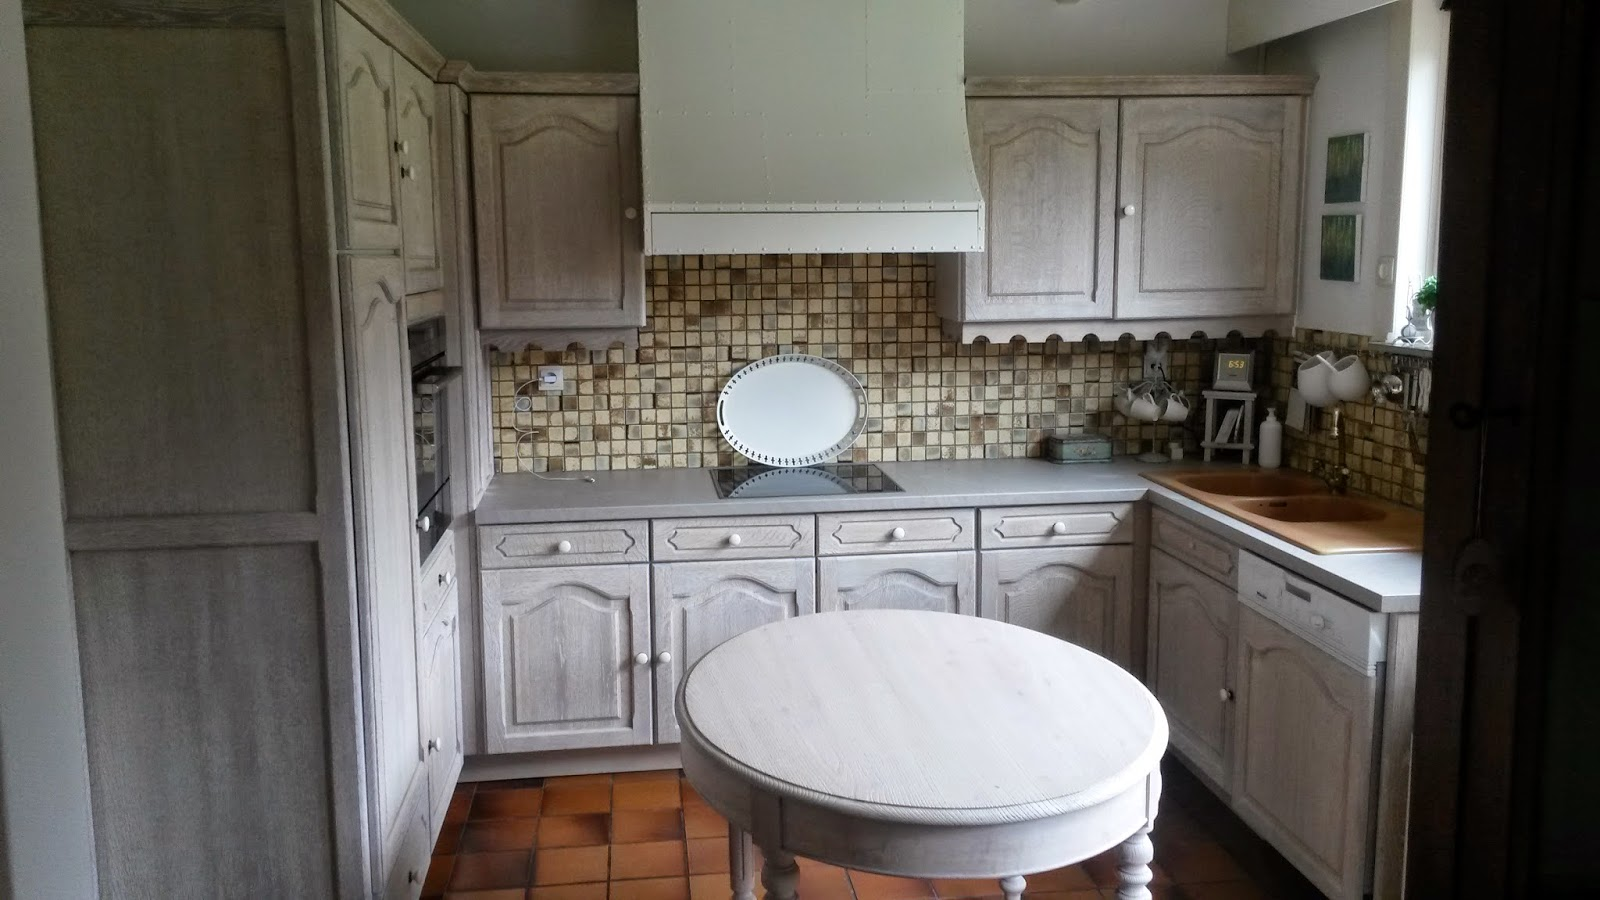 Oude Keuken Renoveren : Meubelrenovatie: Renovatie van een eiken keuken